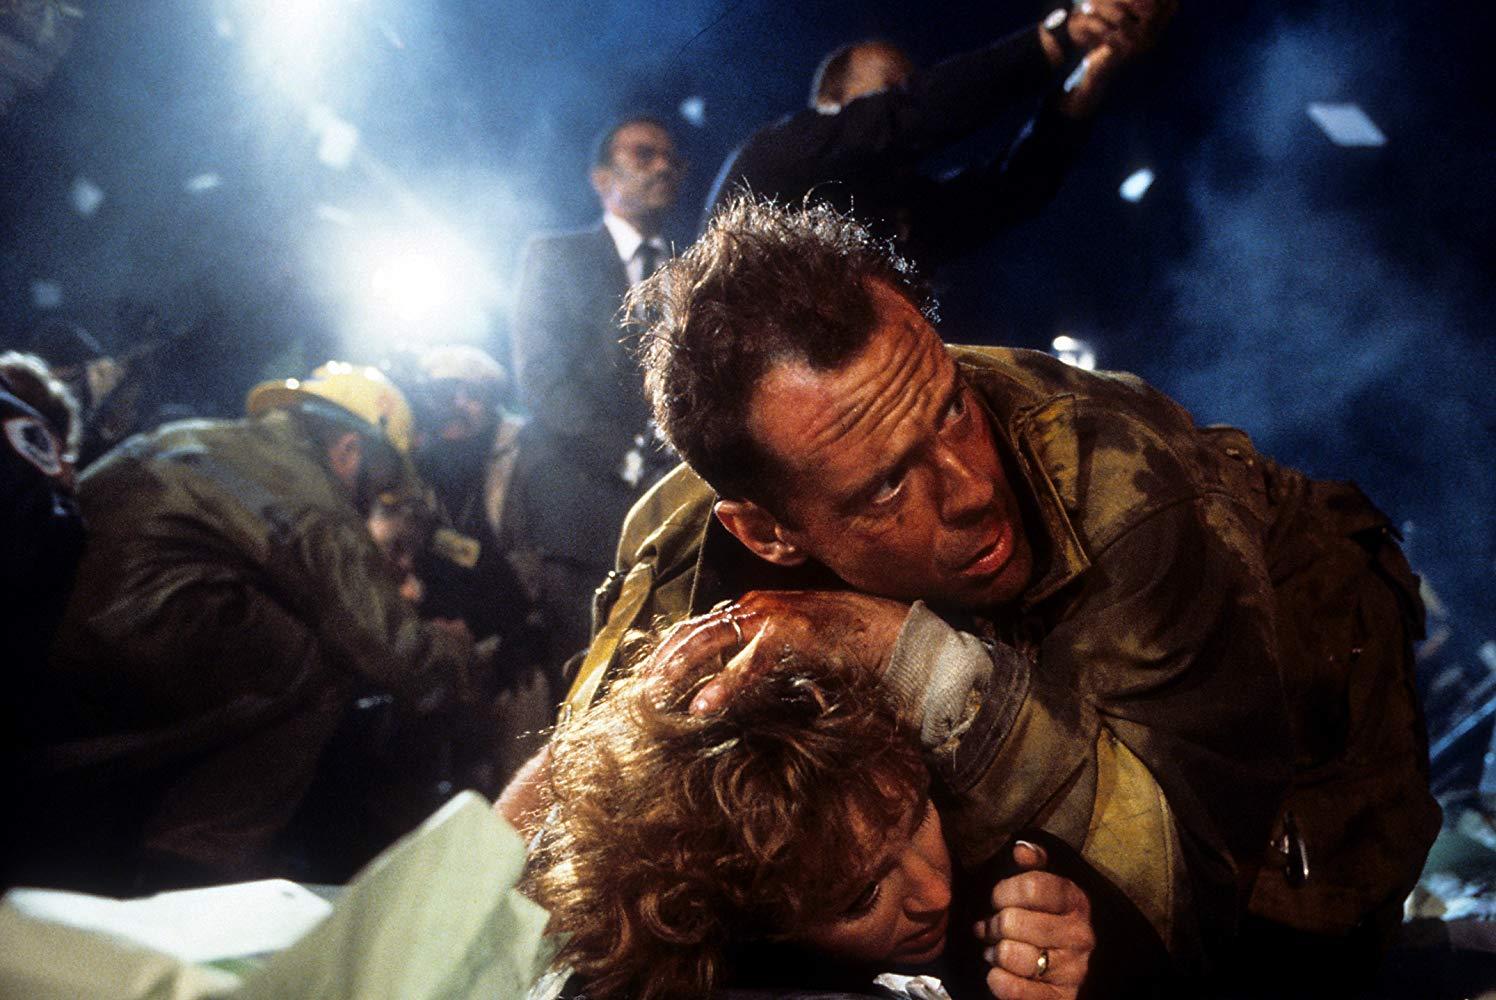 ژانر اکشن یکی از اصلیترین ژانرهای سینمایی است که گاهی اوقات میتوان آن را حسن تعبیری برای خشونت و مردانگی دانست که در دهه 80 میلادی به یک ژانر شناخته شده تبدیل شد.